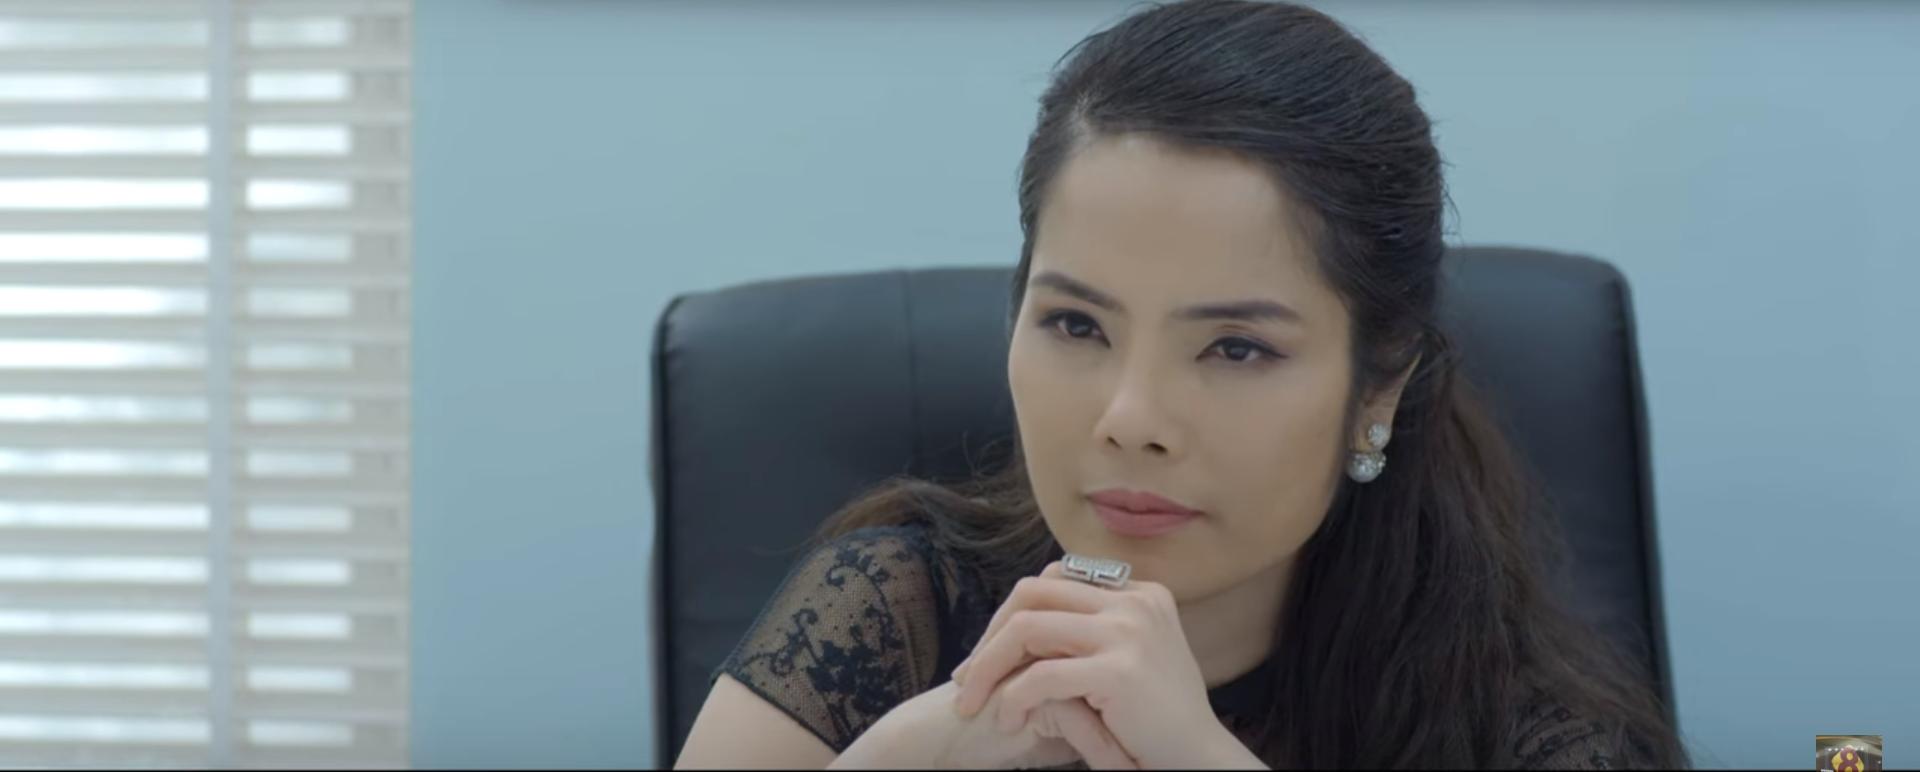 VZN News: Tiểu tam đỉnh cao nhất màn ảnh Việt: Đến tận nhà rủ mẹ chồng và con riêng tương lai làm trò - Ảnh 2.